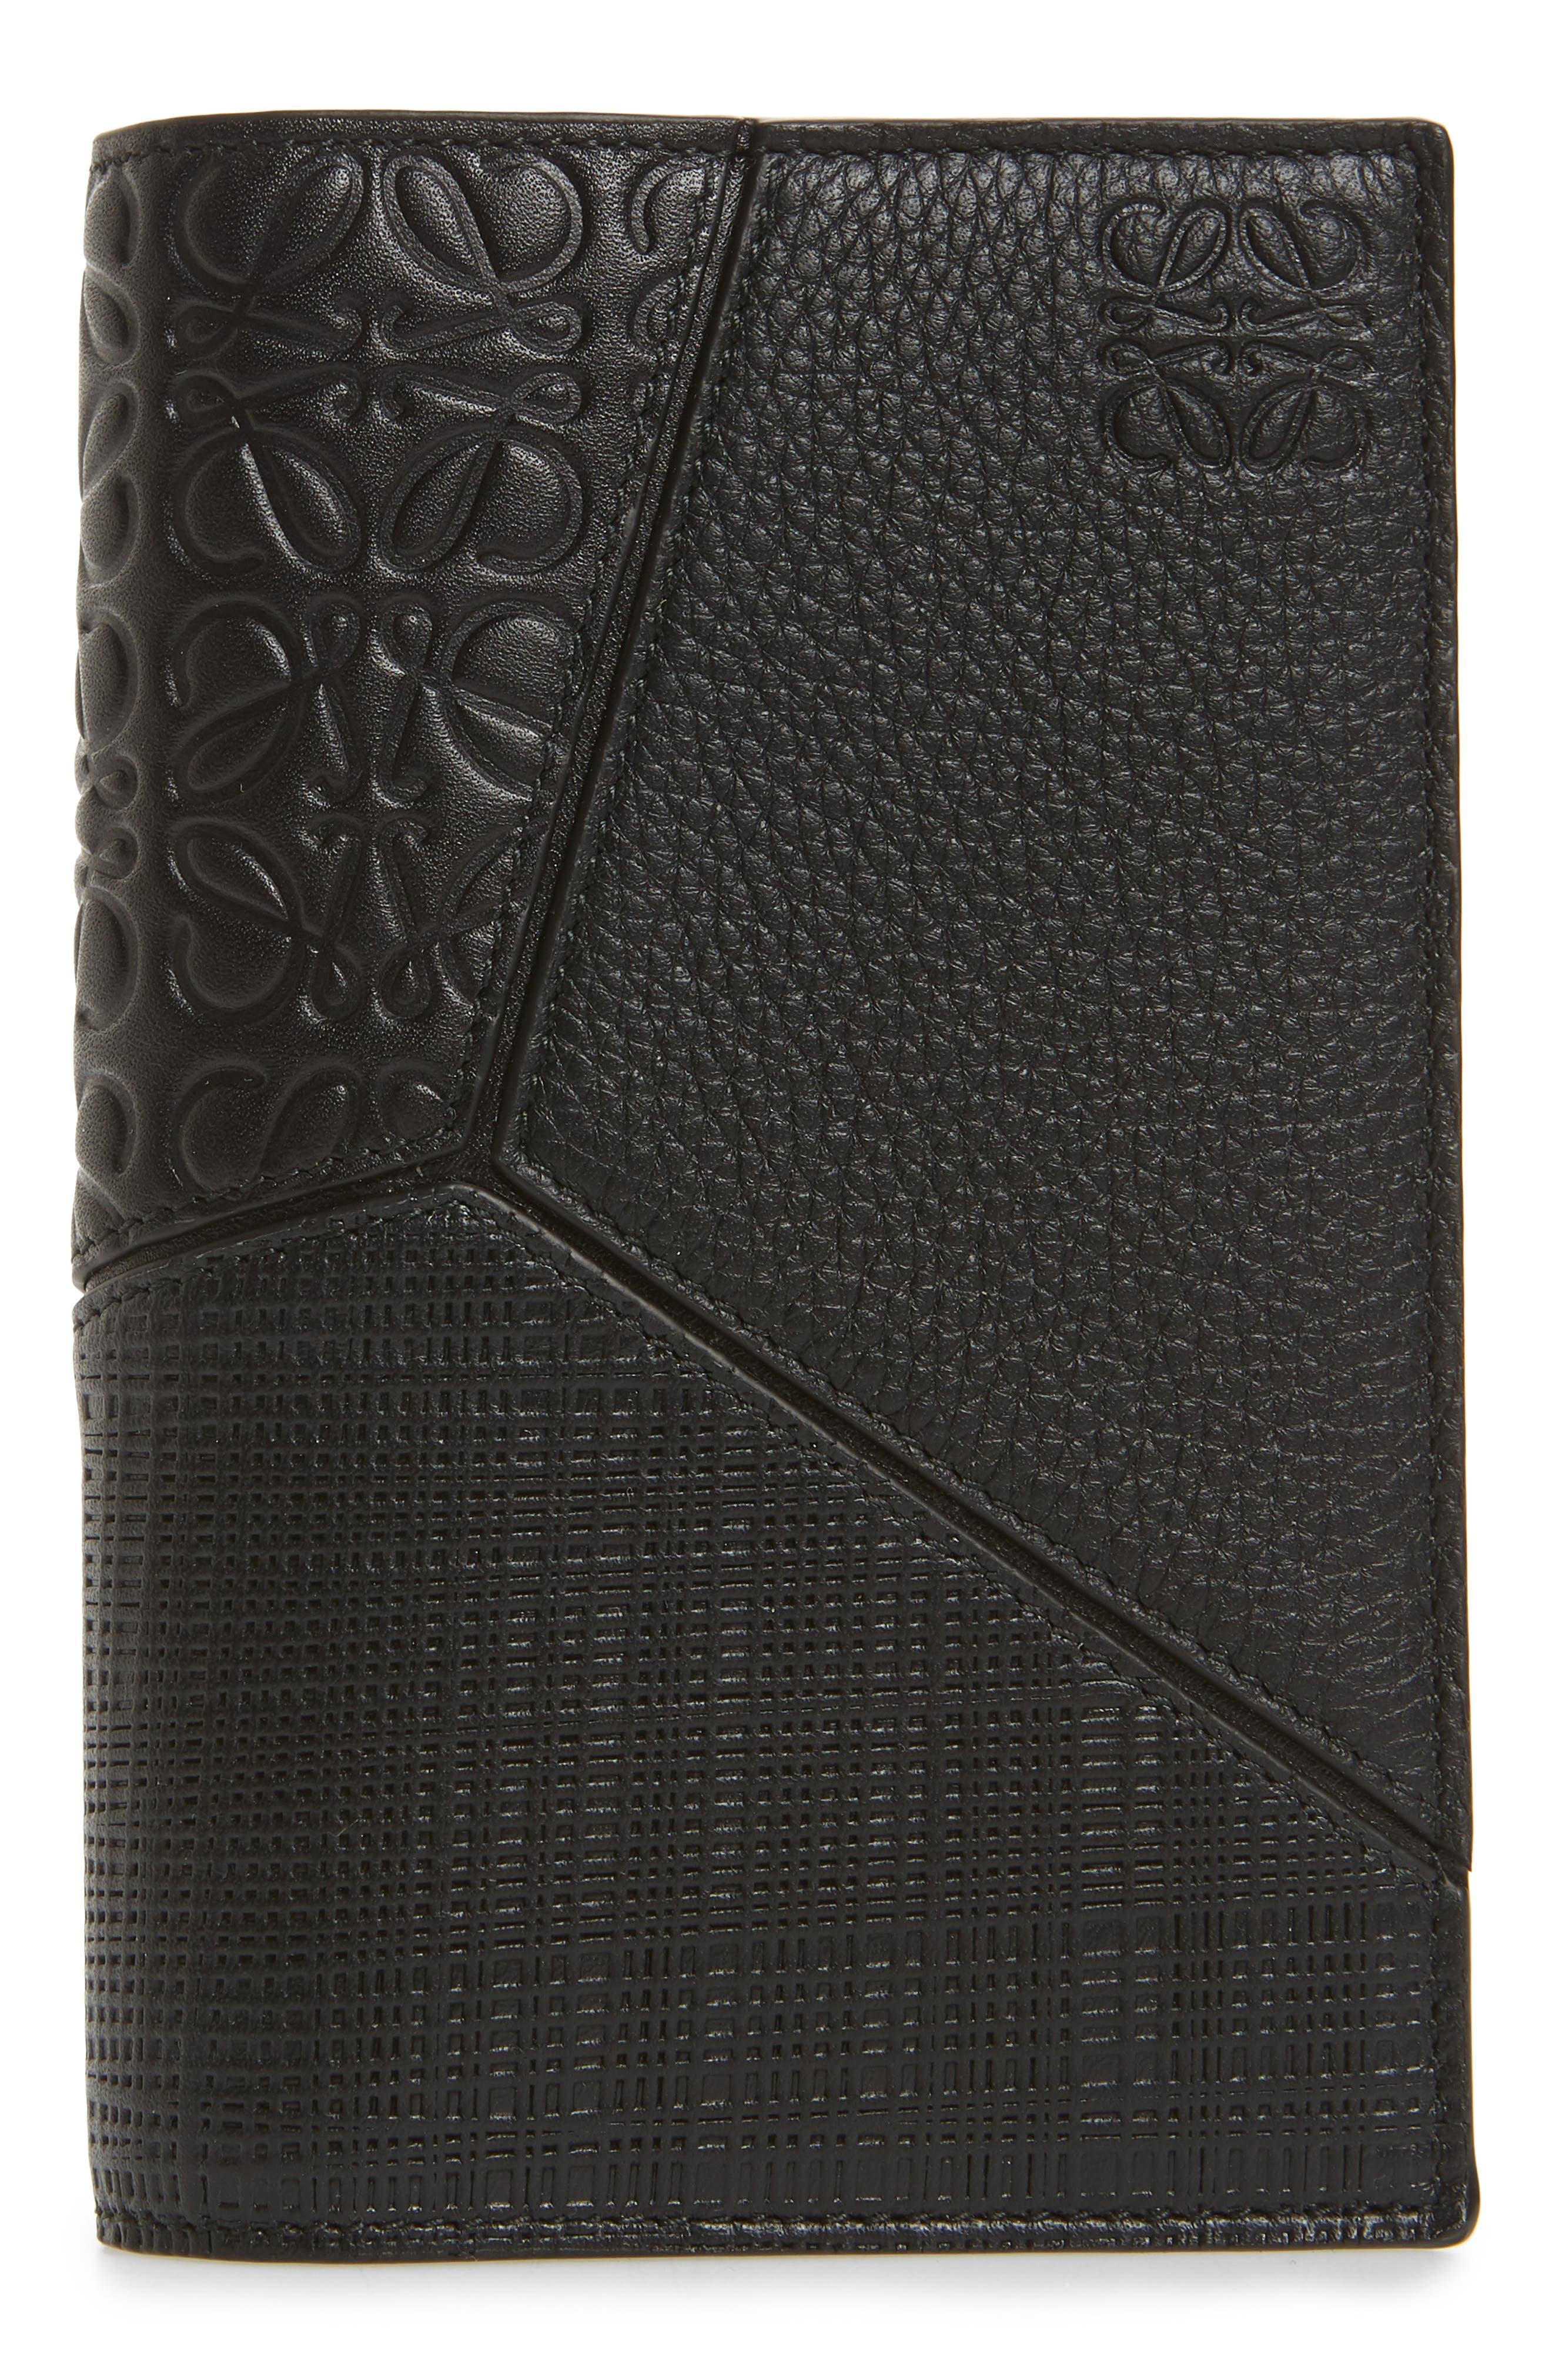 Leather Puzzle Passport Case,                             Main thumbnail 1, color,                             BLACK